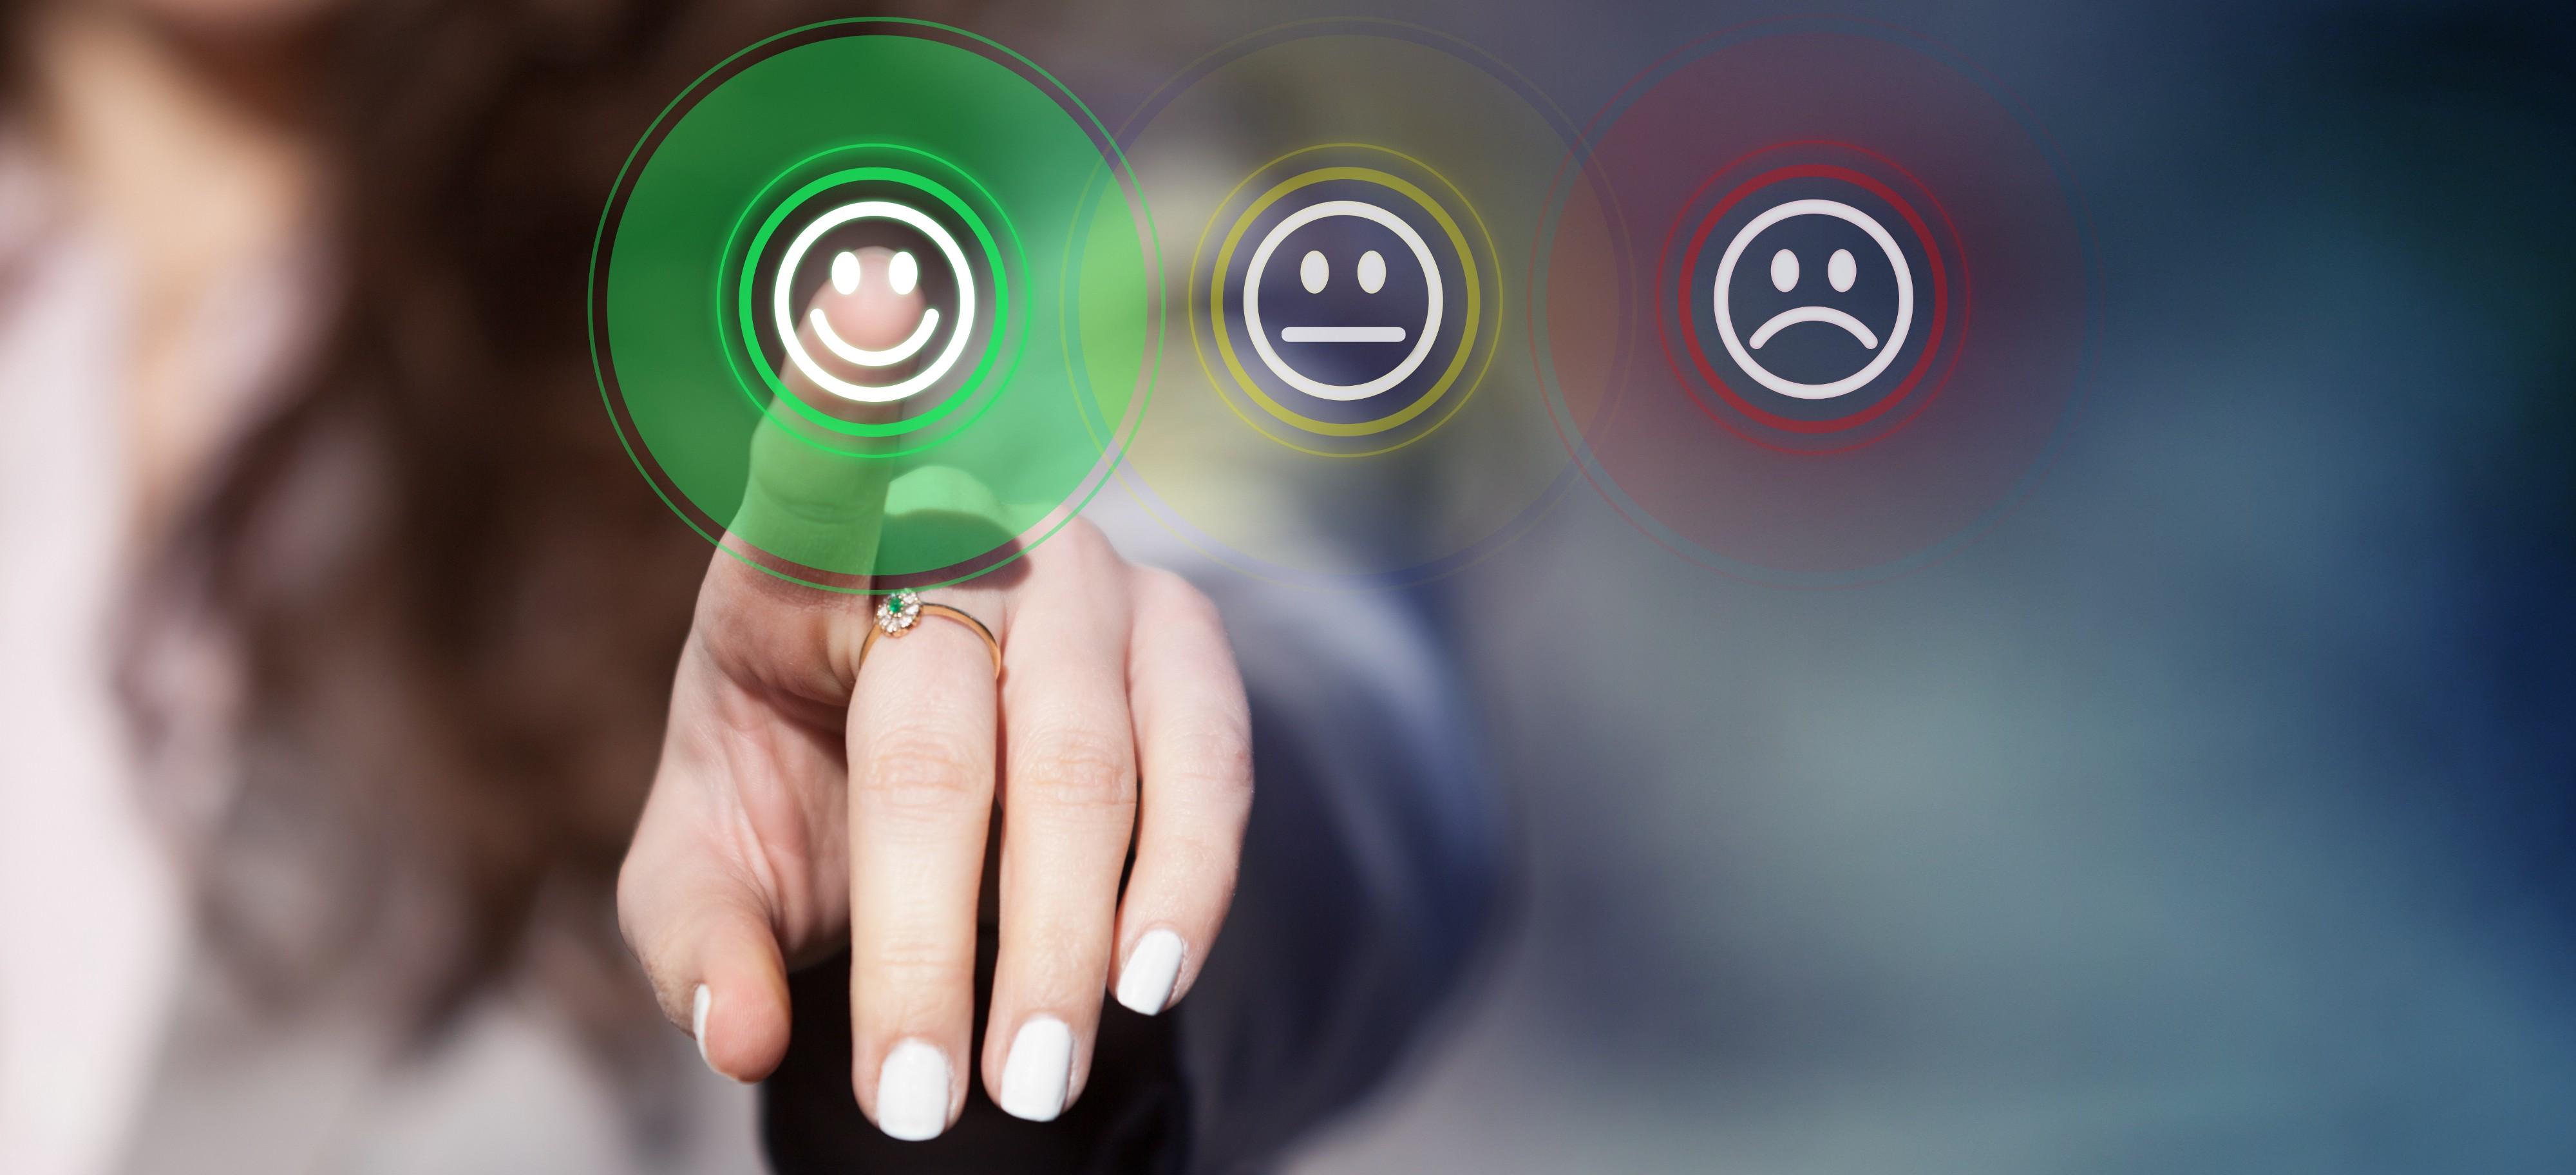 nghiên cứu sự hài lòng của khách hàng, nghiên cứu mức độ hài lòng của khách hàng